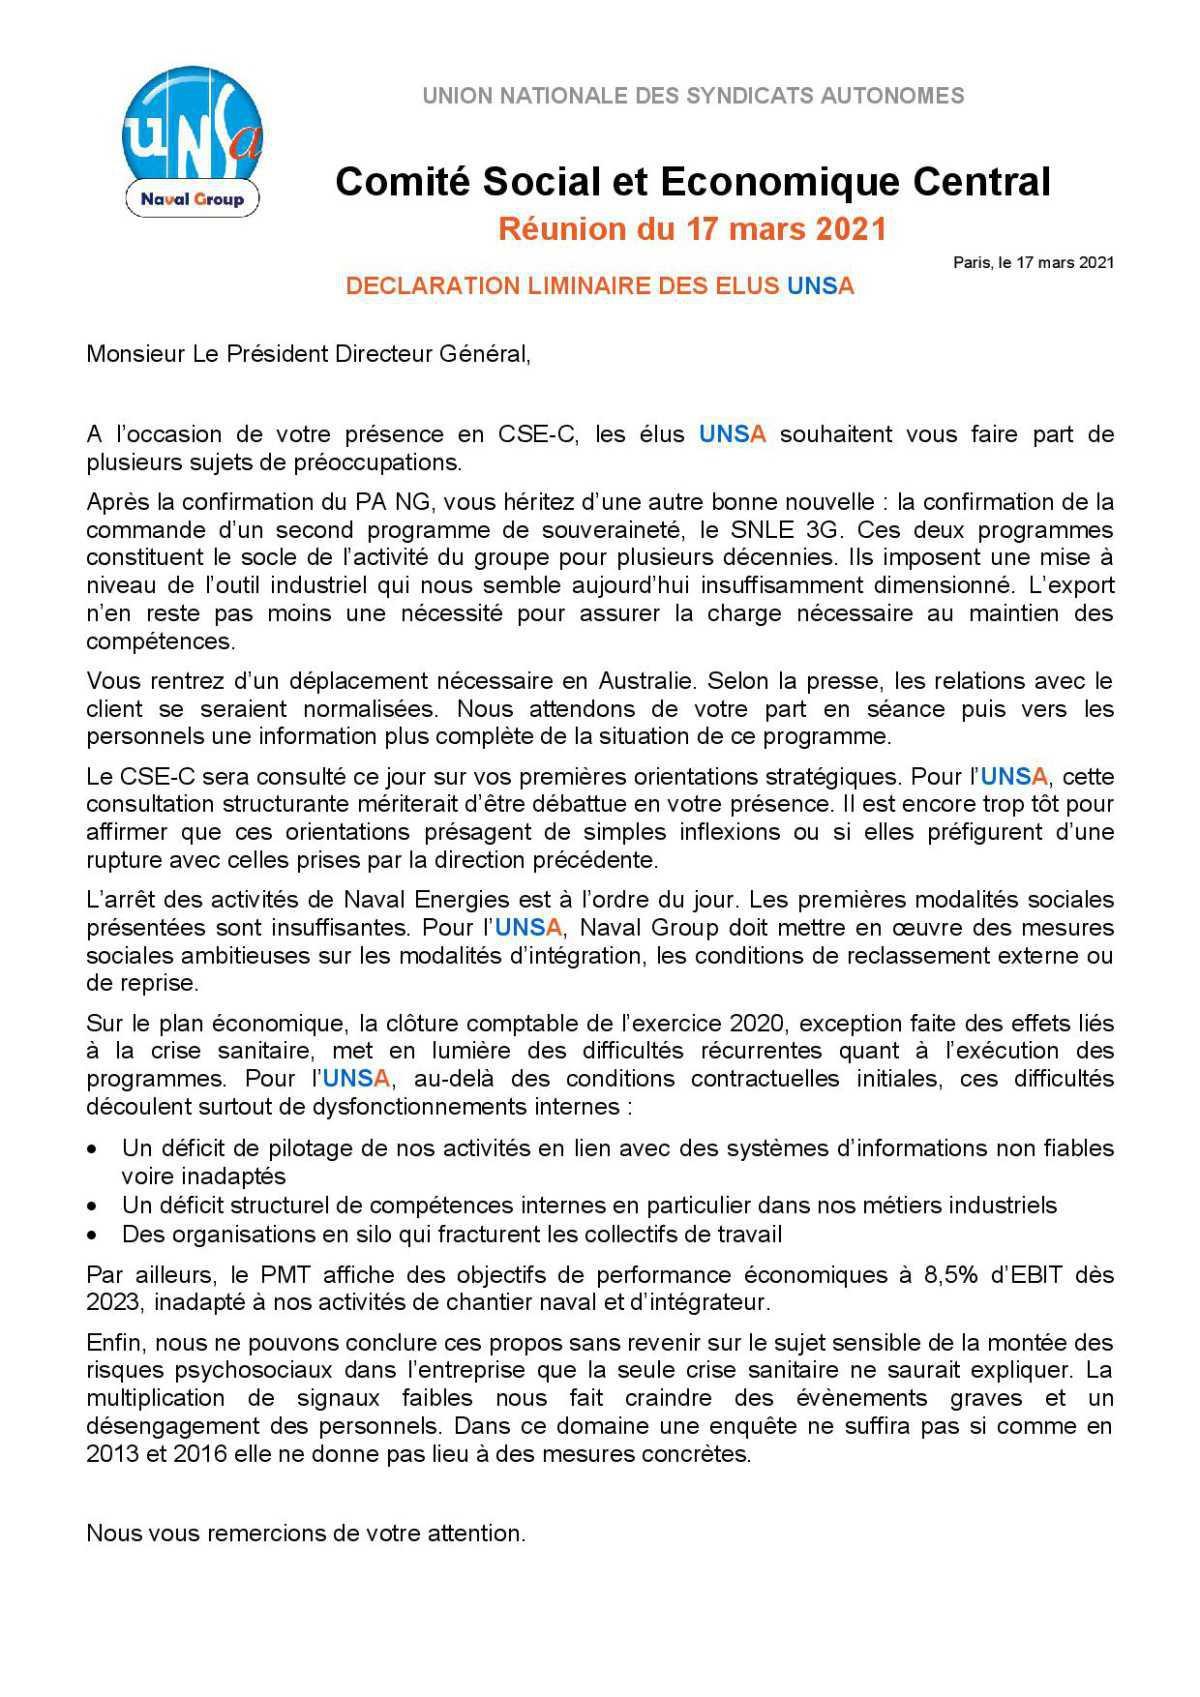 Réunion du 17 mars 2021 - Déclaration liminaire